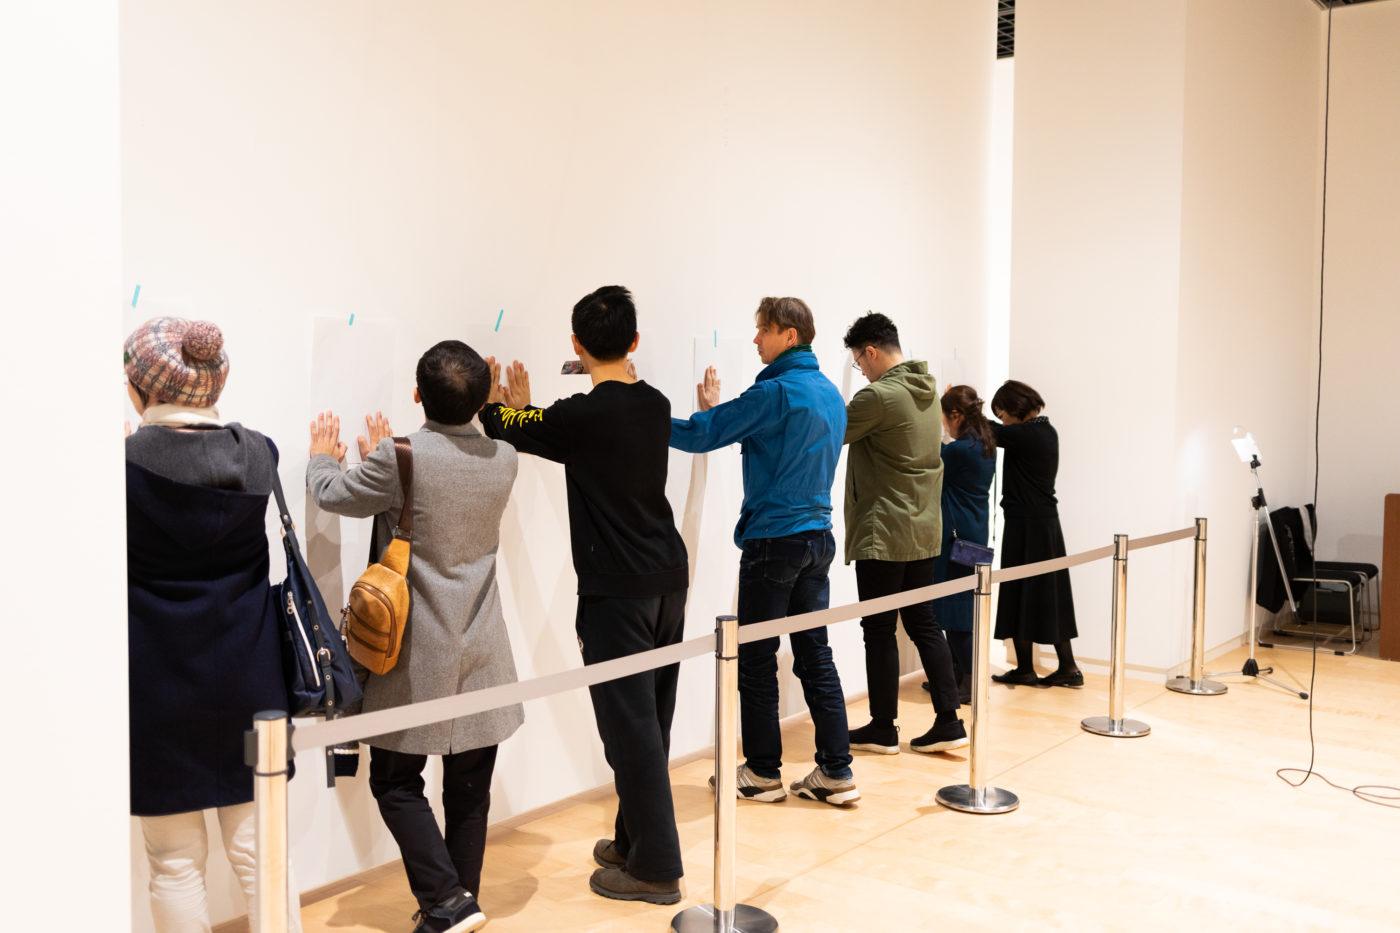 INTERVIEW:梅田哲也|ただそこにある小さな声と時間を思うこと 1/3